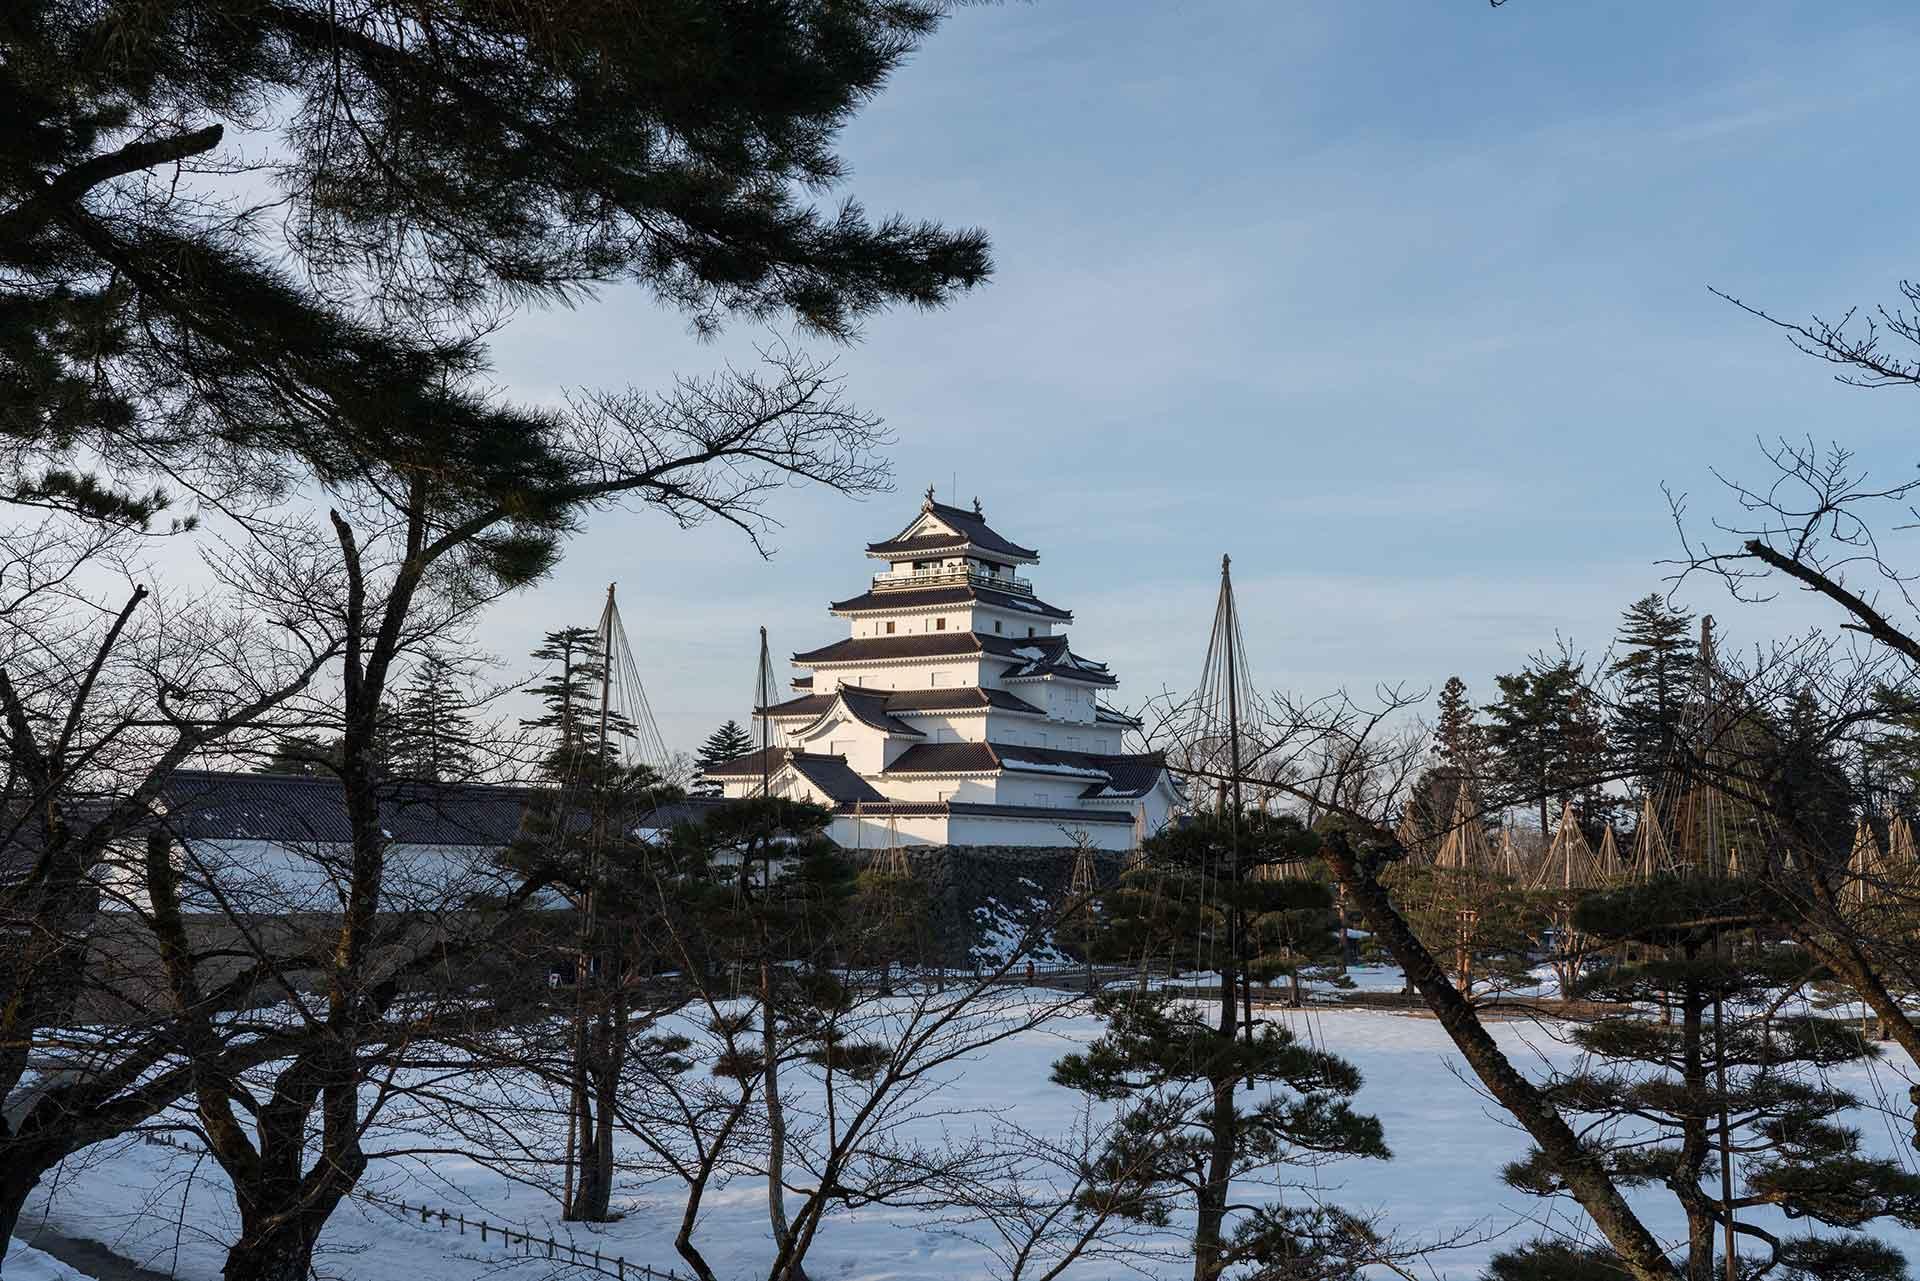 Tsuruga Castle (Tsurugajō)